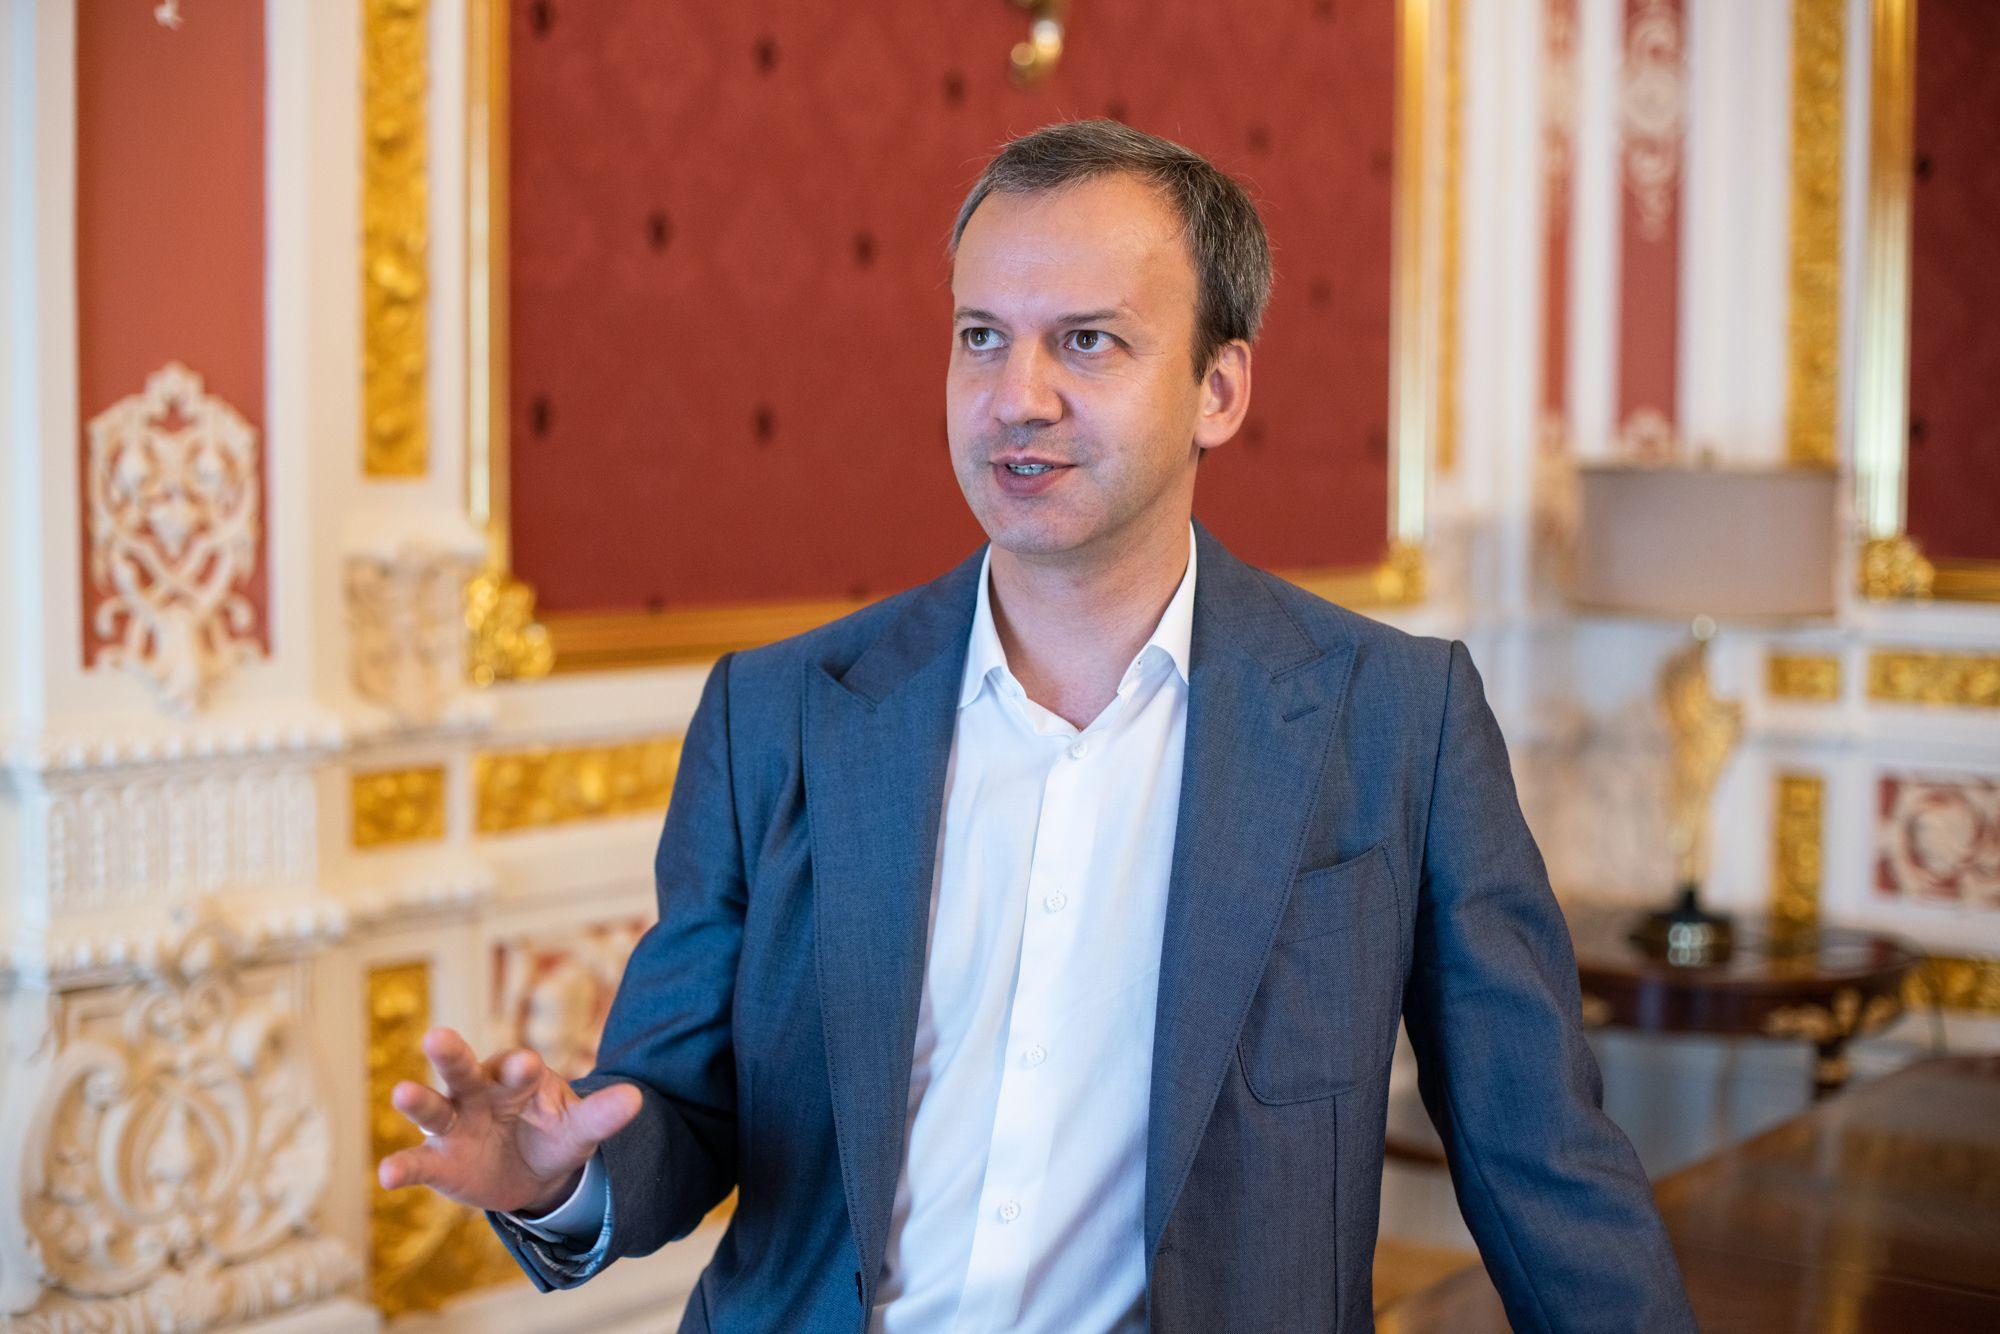 Arkady Dvorkovich FIDE